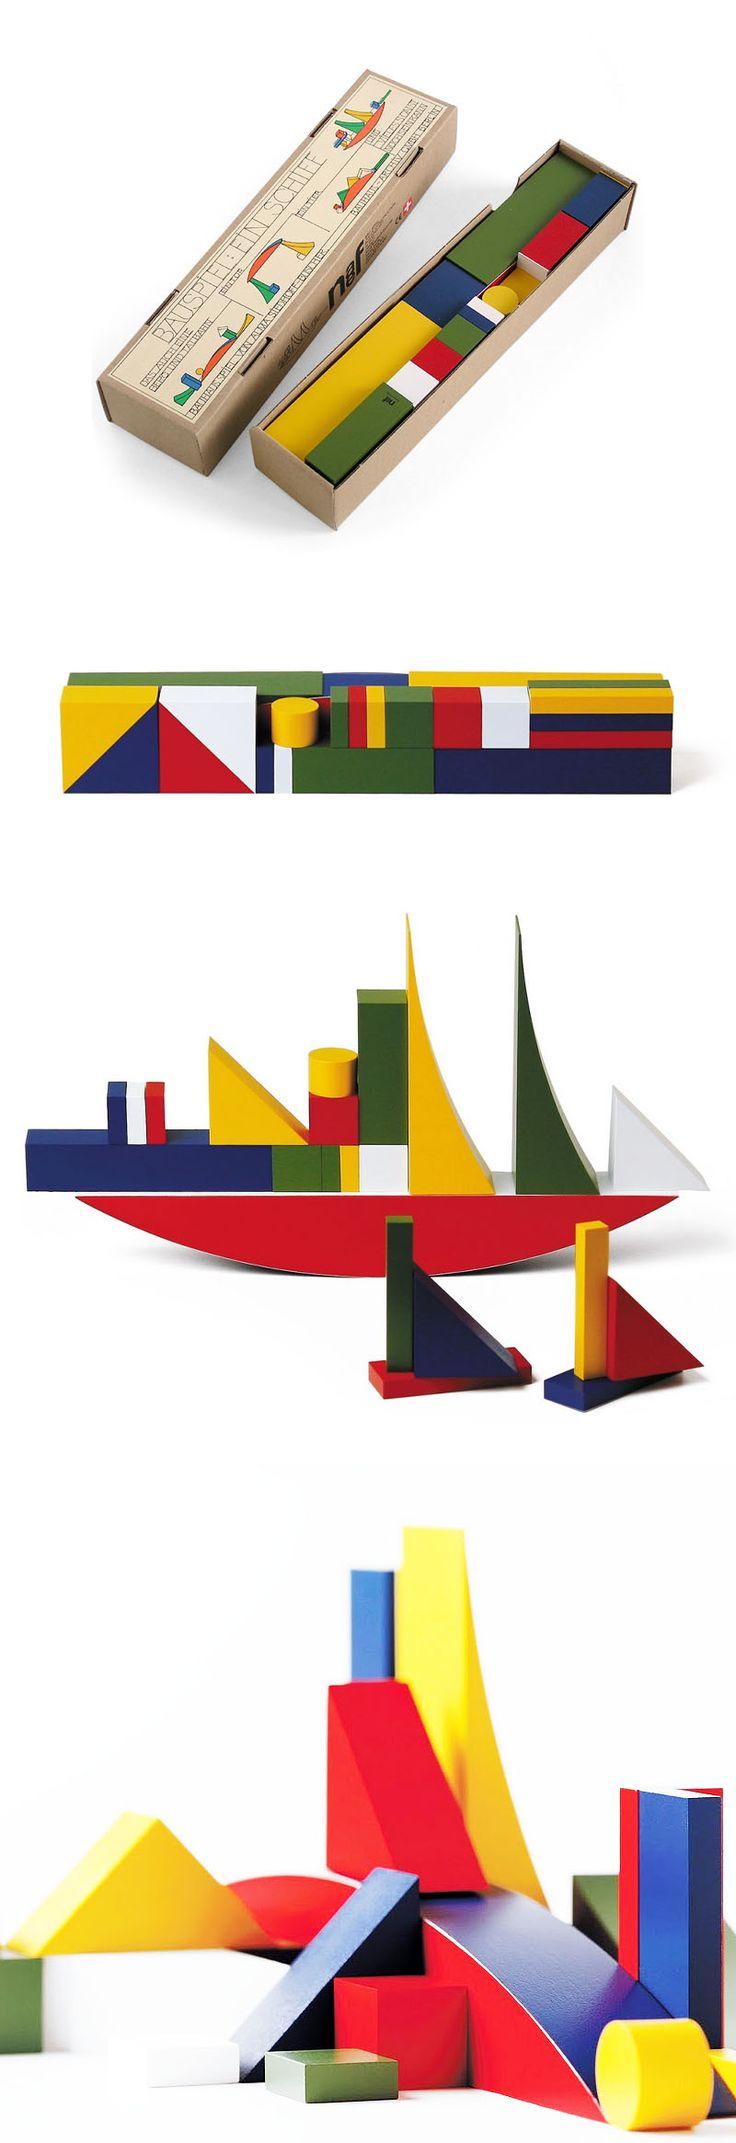 Naef Bauhaus Bauspiel Wooden Blocks Toy | NOVA68 Modern Design